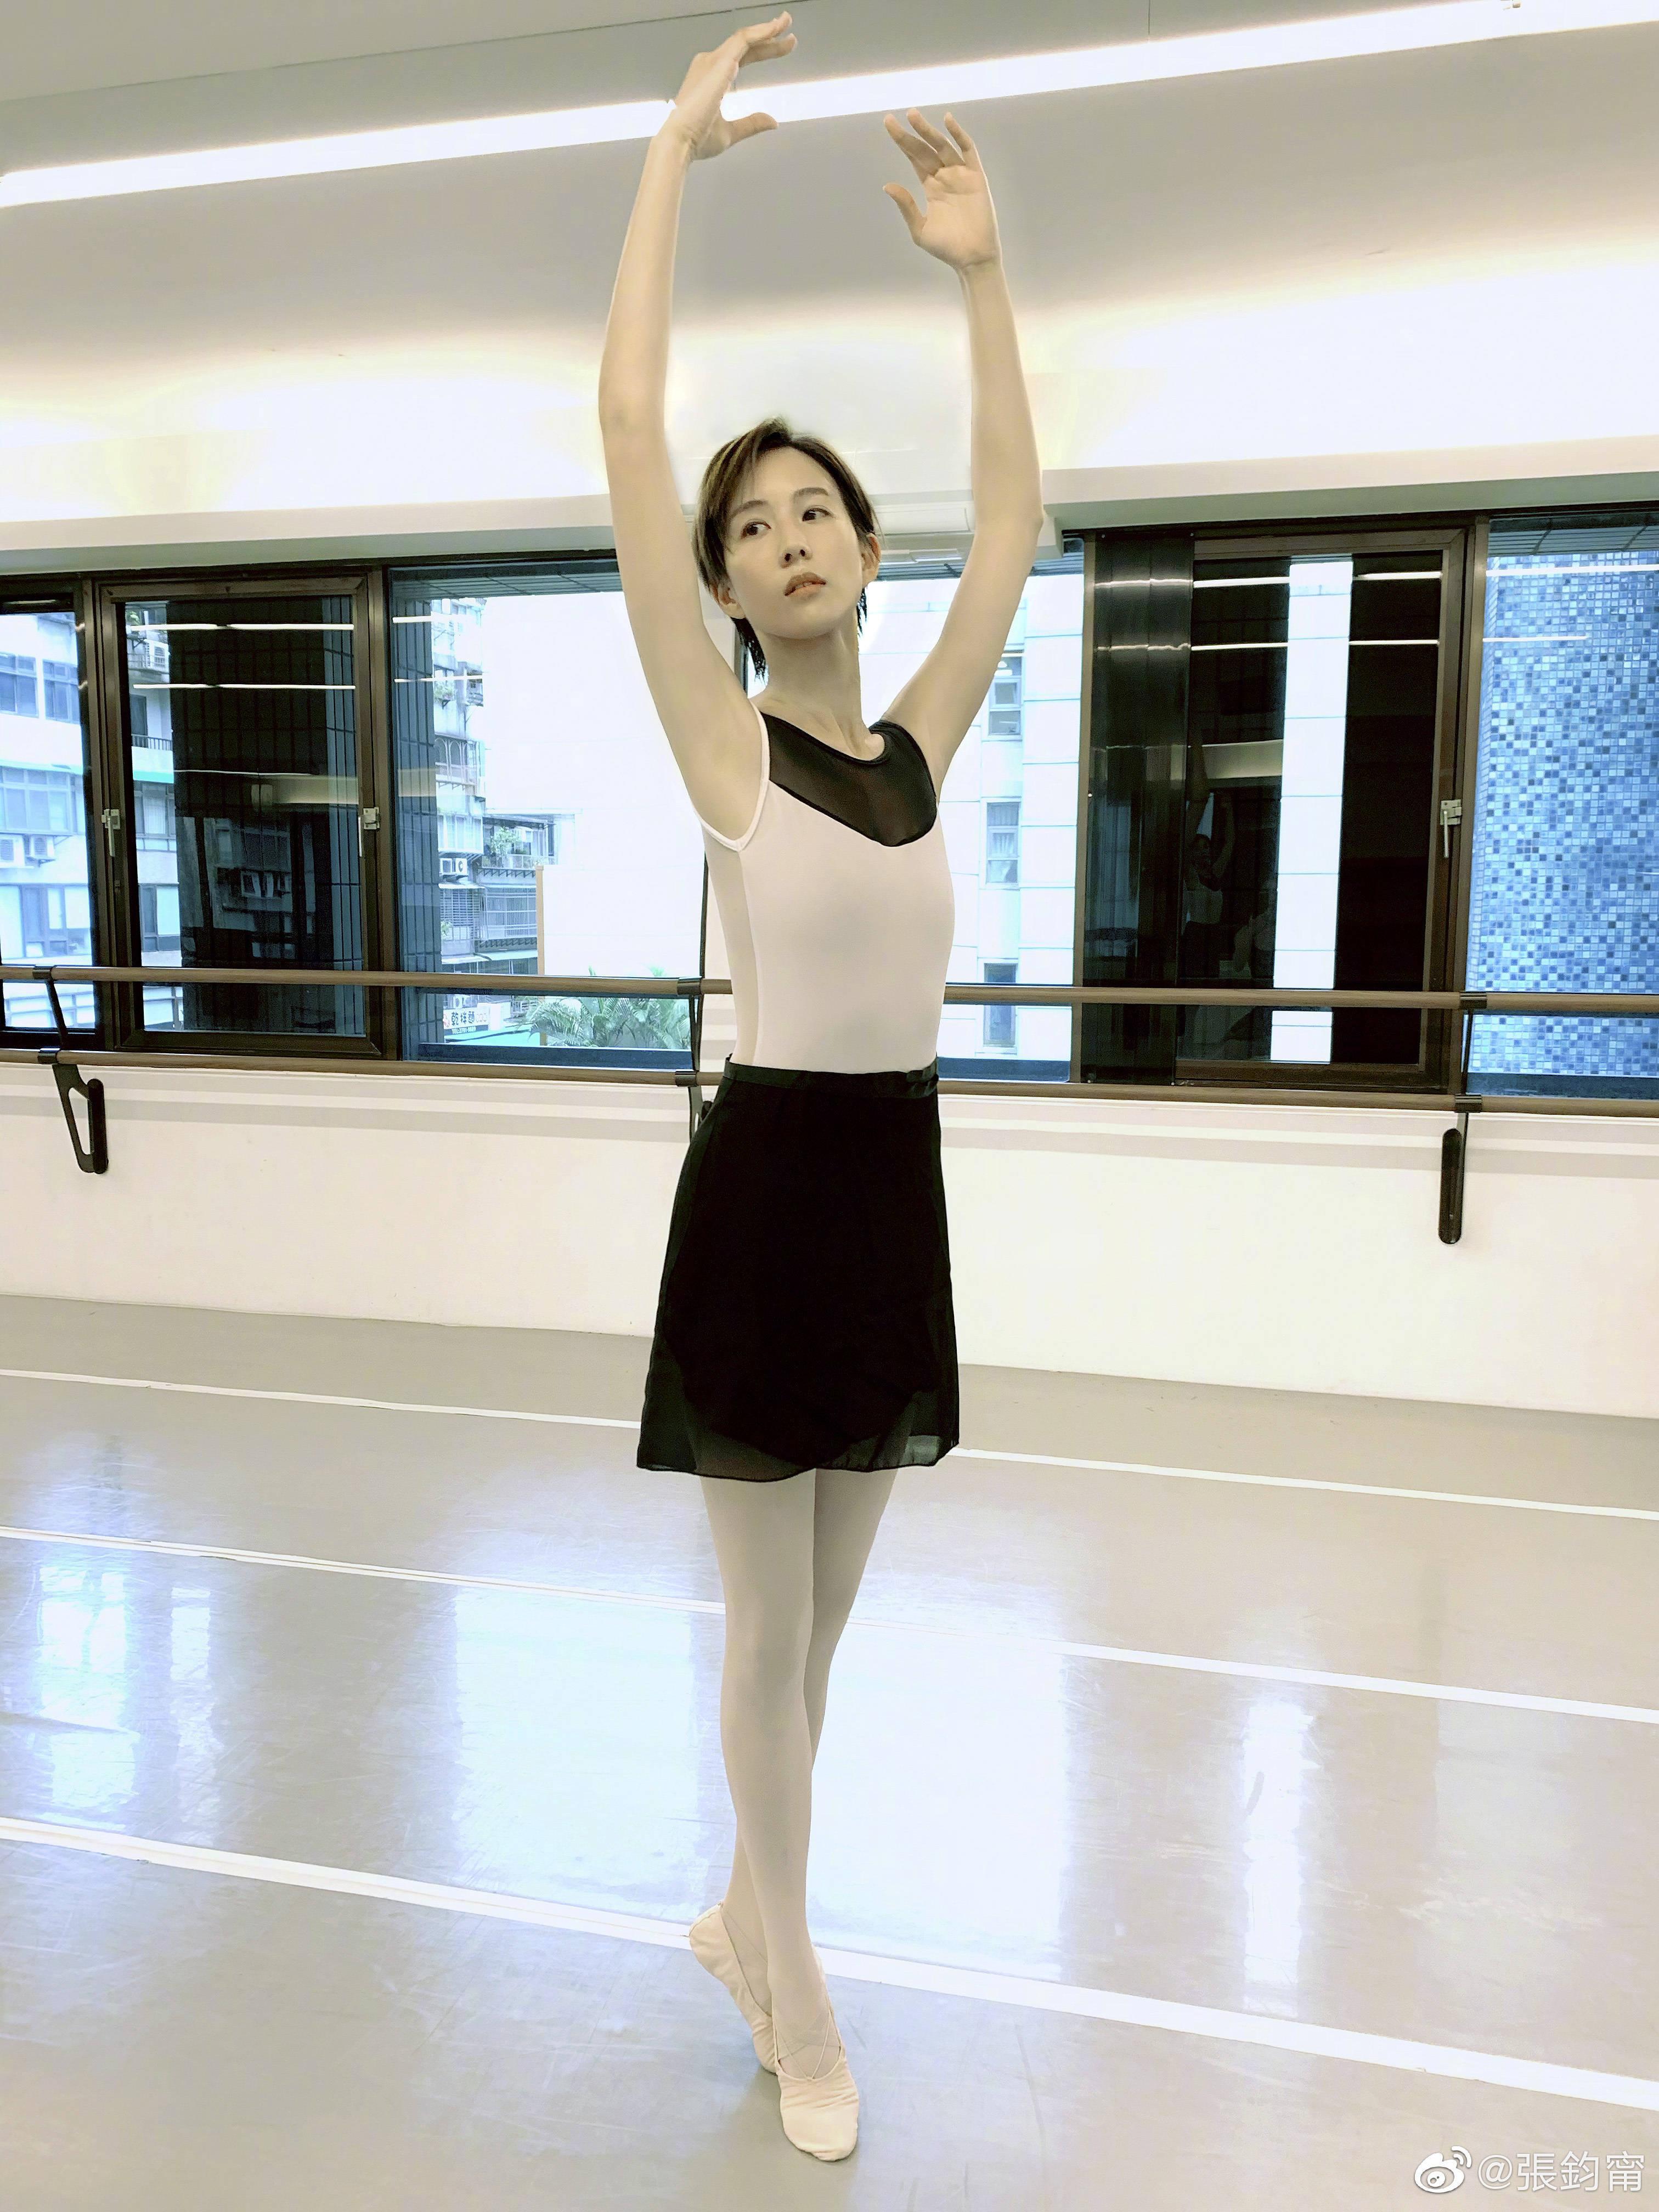 张钧甯短发造型出镜,配紧身衣大秀芭蕾舞姿,气质大变样骨感明显